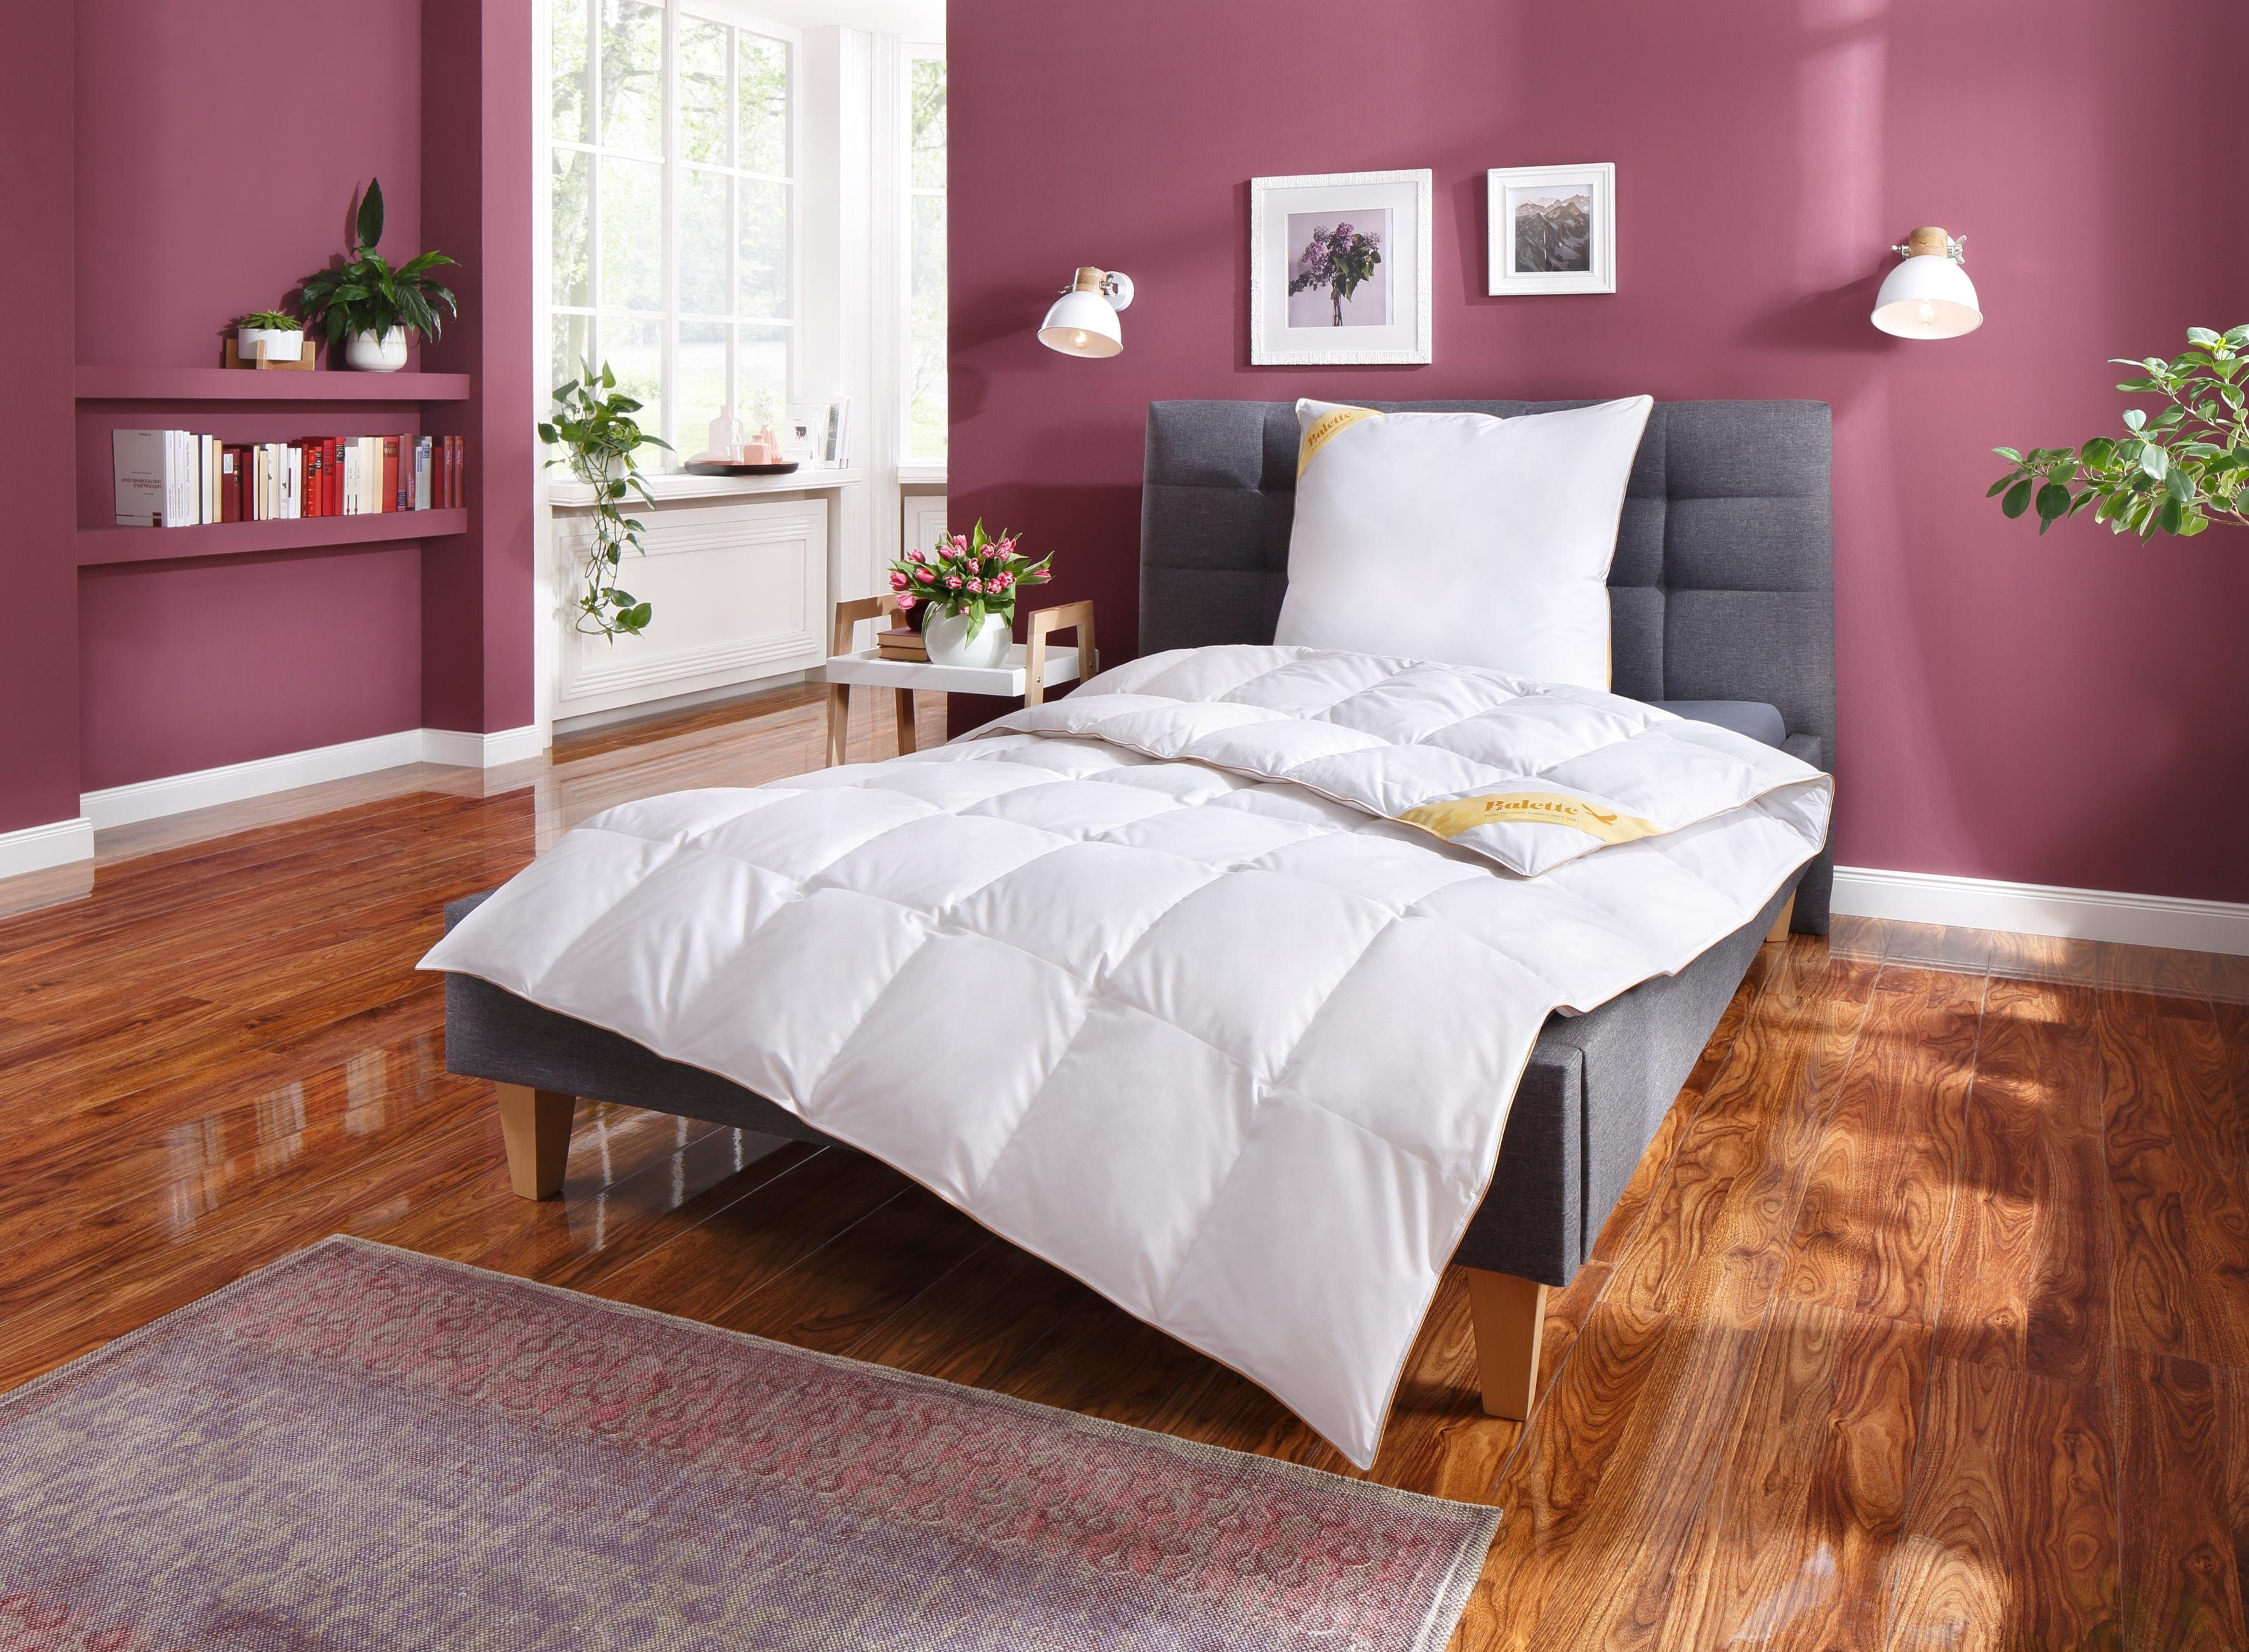 Daunenbettdecke, »Aileen«, Balette 135 Jahre, normal, (2-tlg) | Heimtextilien > Decken und Kissen > Bettdecken | Balette 135 Jahre